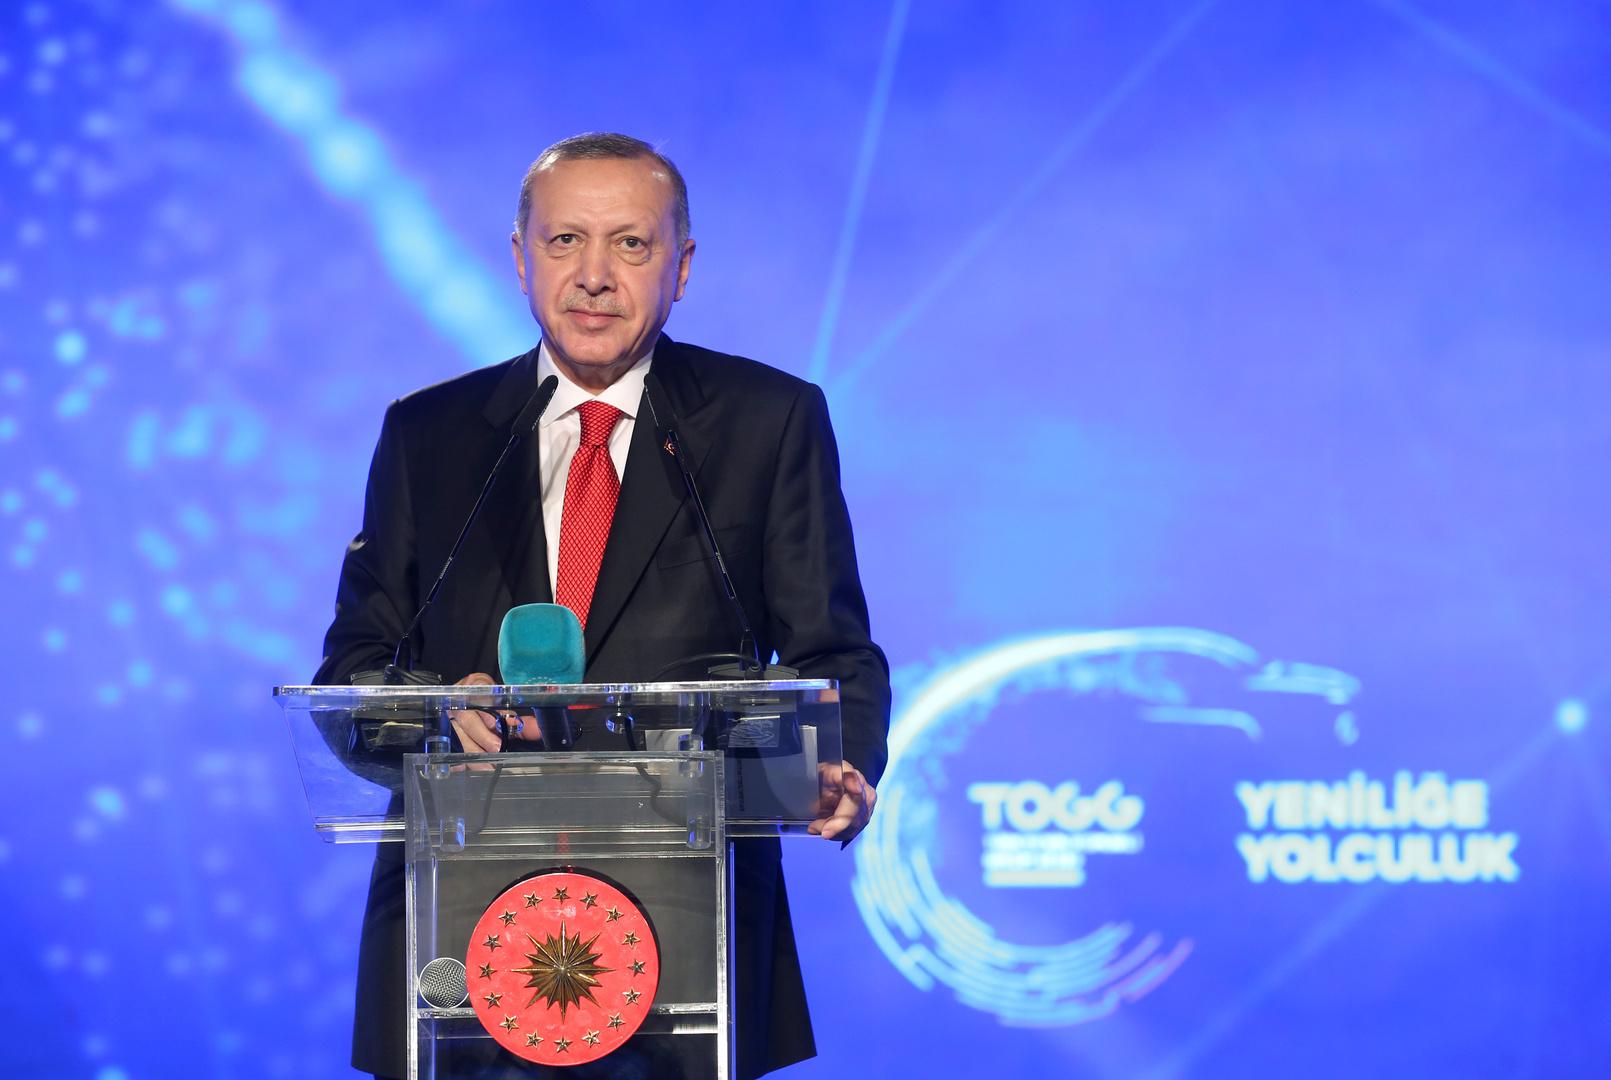 أردوغان يدشن أول سيارة كهربائية تركية (صور وفيديو)